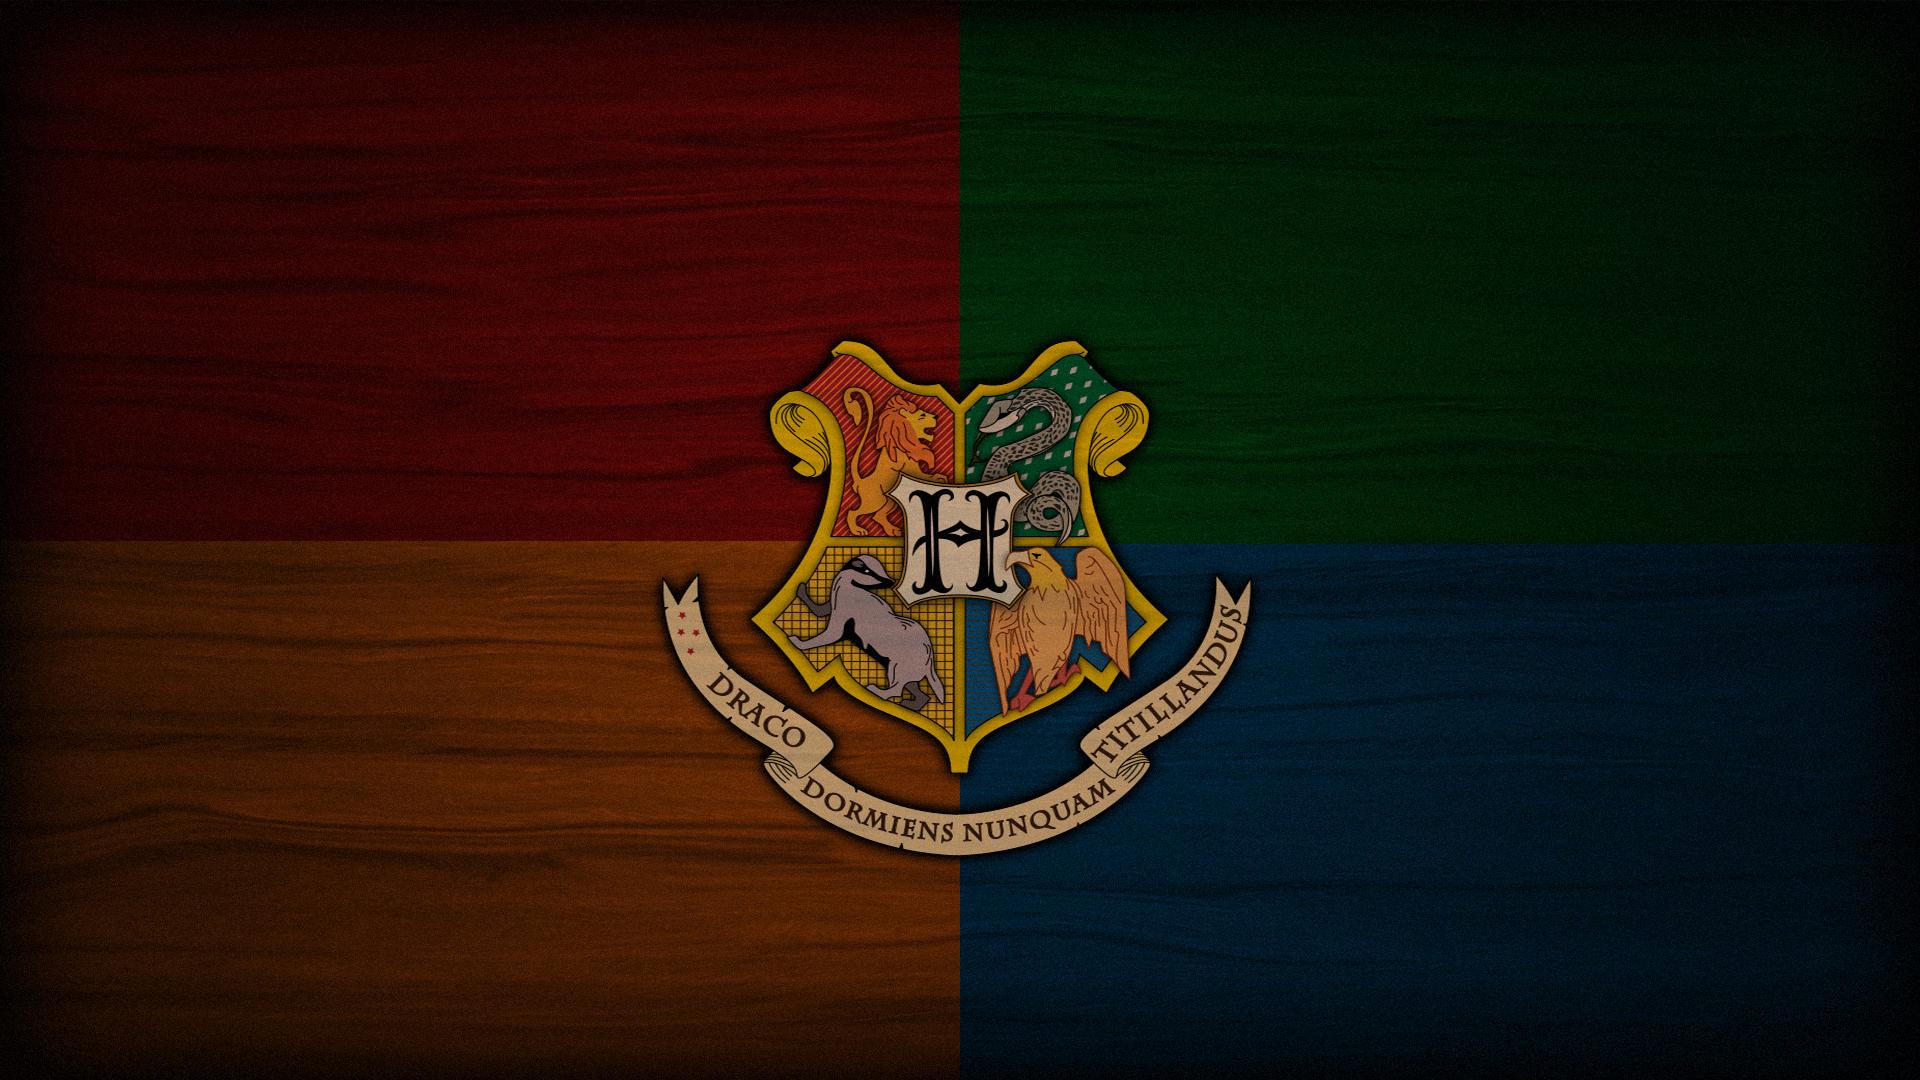 hogwarts crest wallpaper  Books Pinterest 1920x1080